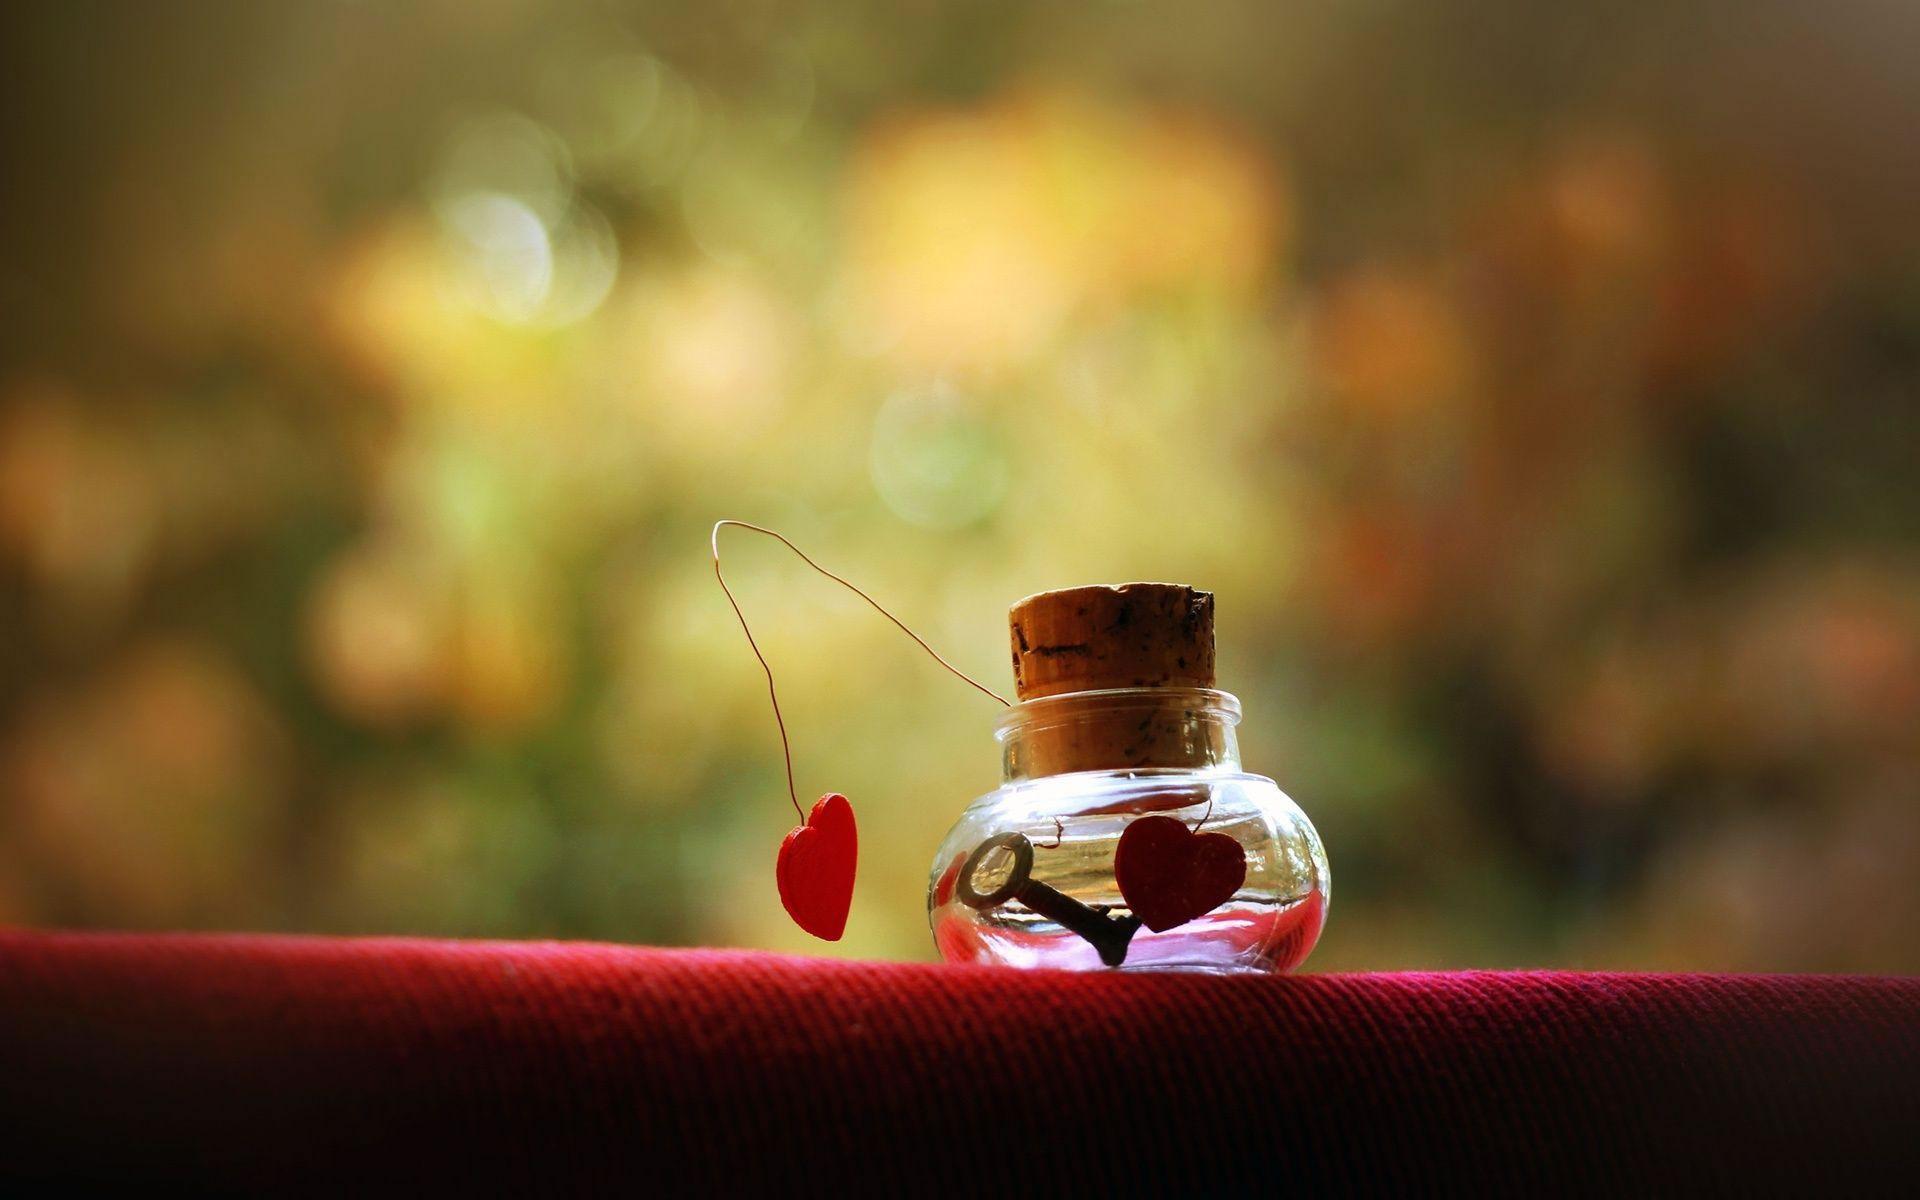 La llave del amor